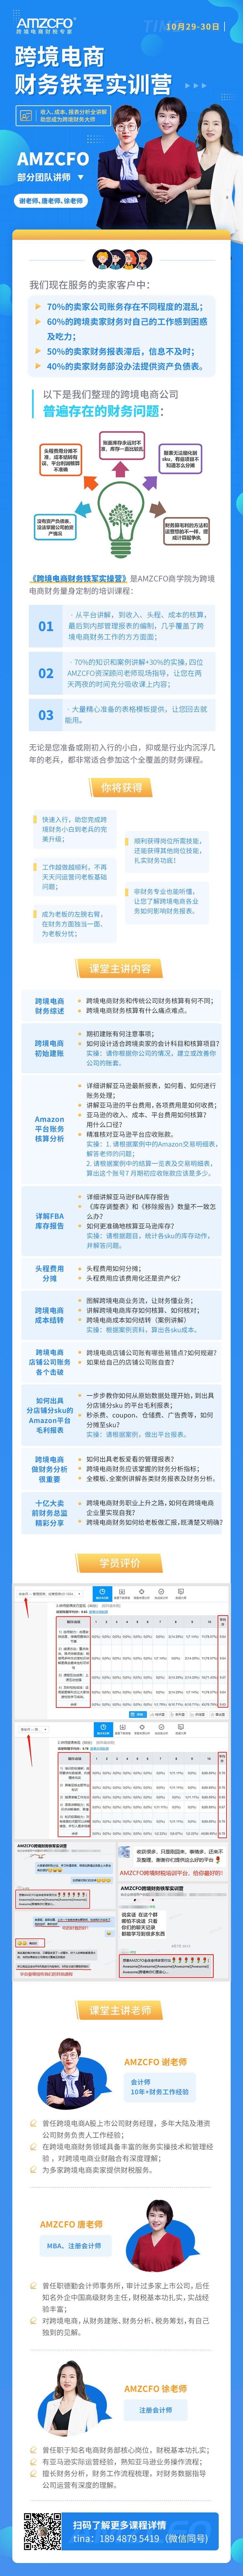 账务通详情页(xin910).jpg